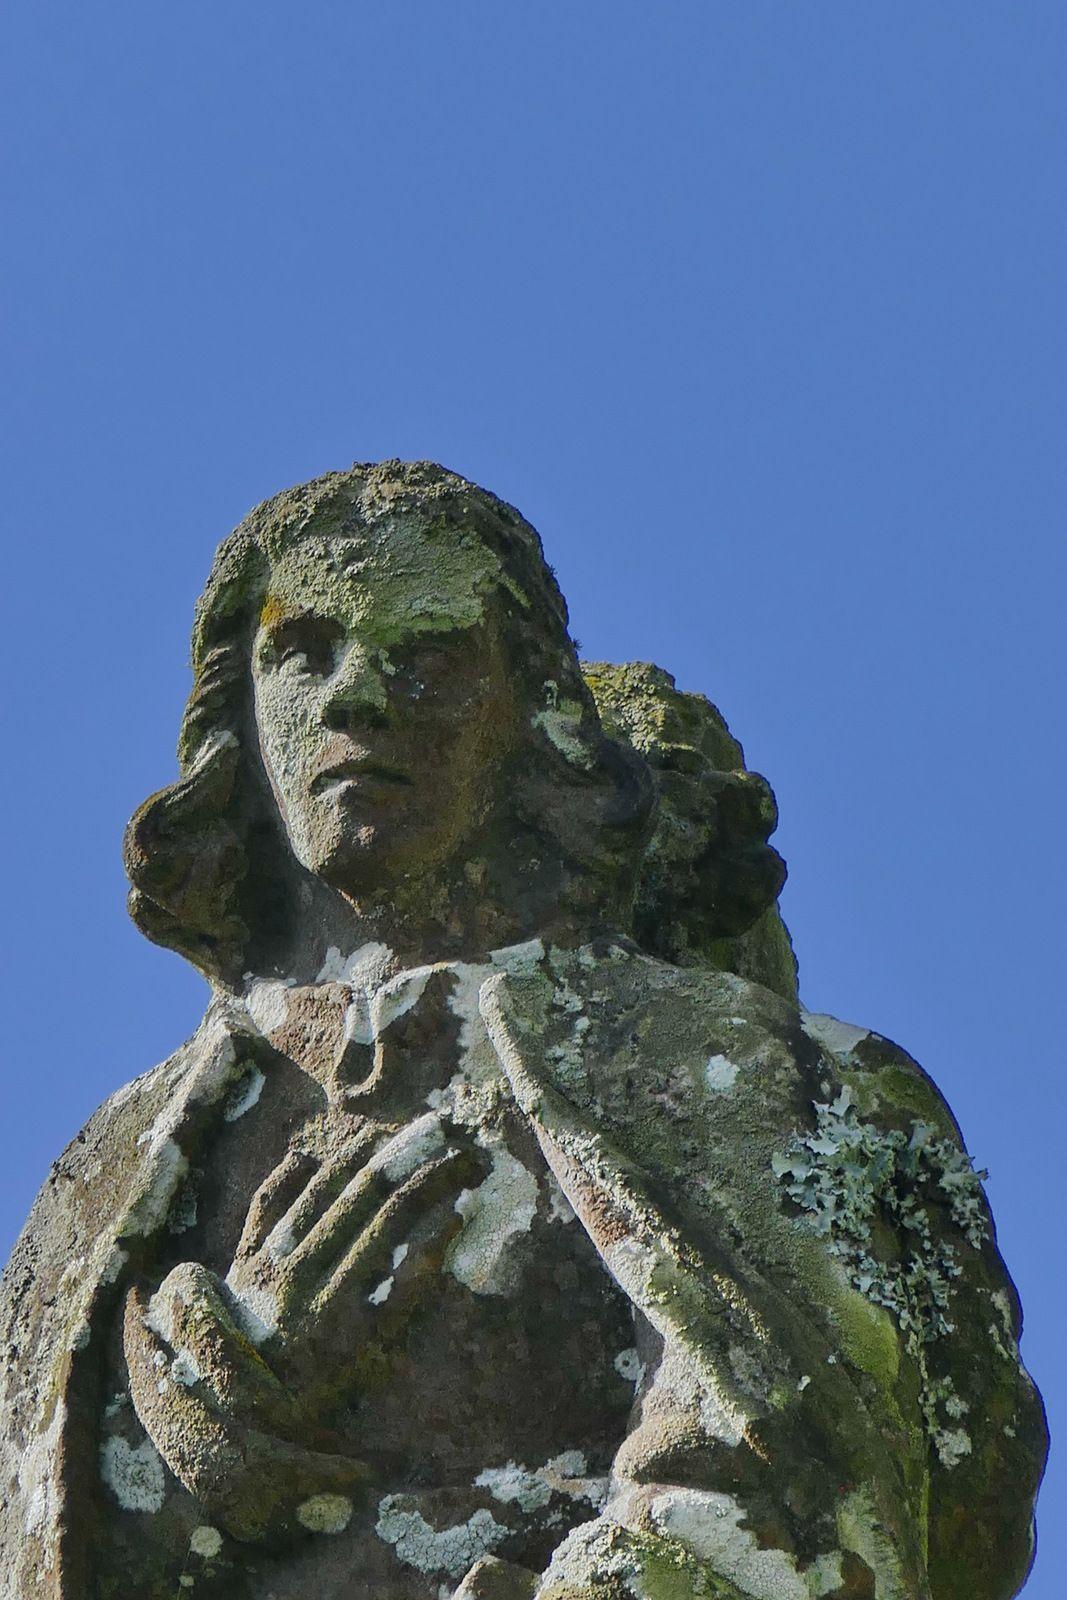 Calvaire de la chapelle Notre-Dame de Bonne-Nouvelle à Quillidoaré, Cast. Photographie lavieb-aile mars 2020 .